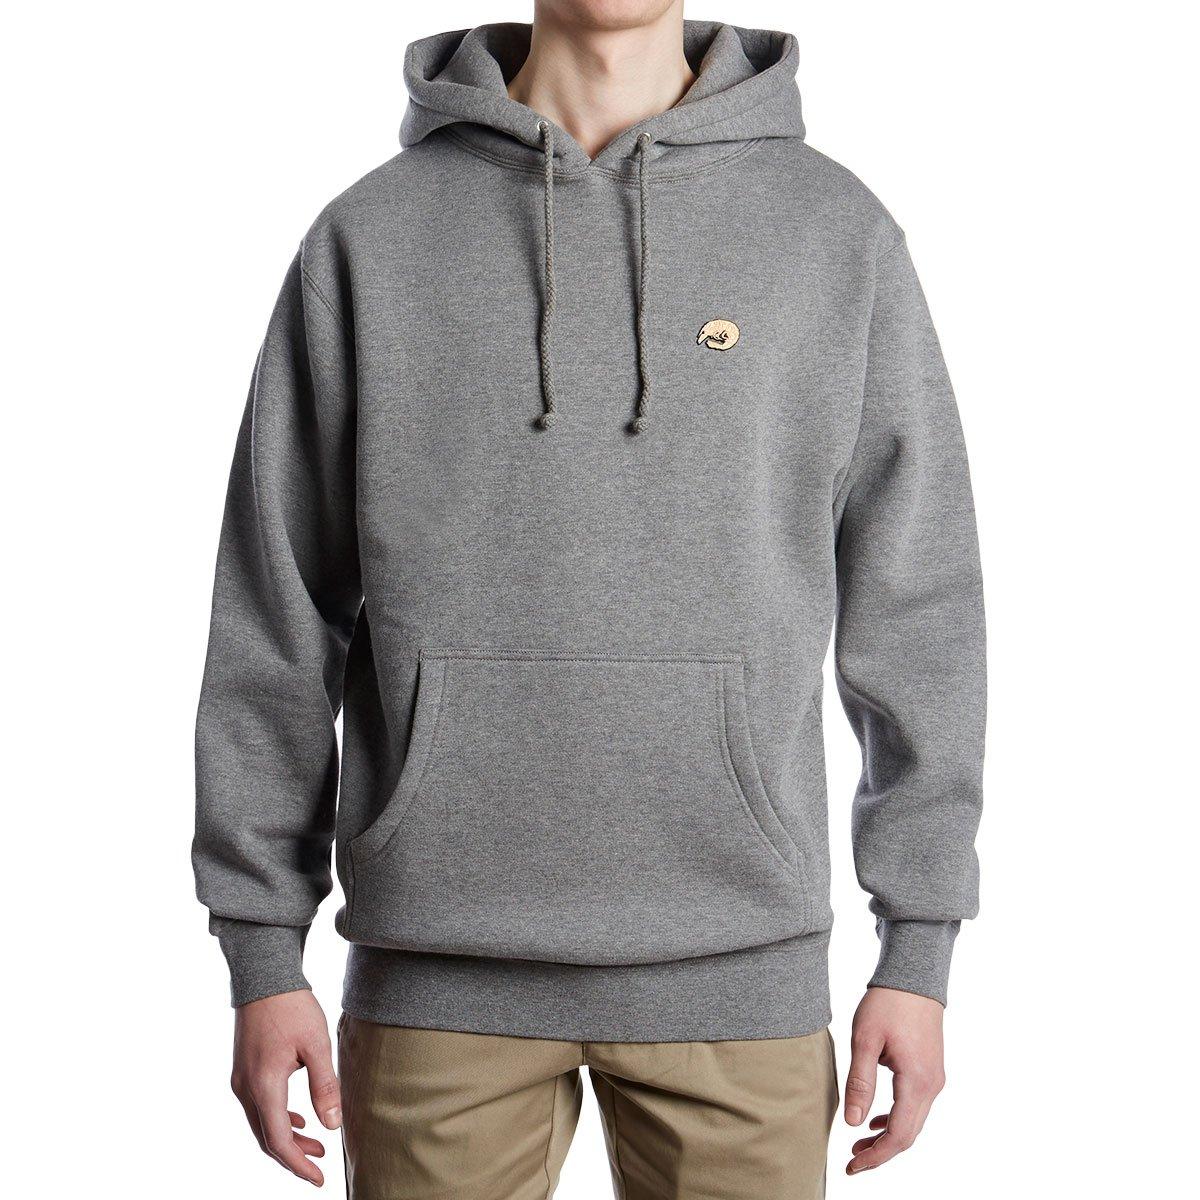 : CCS]: Hoodies, sweatshirts, & Jackets